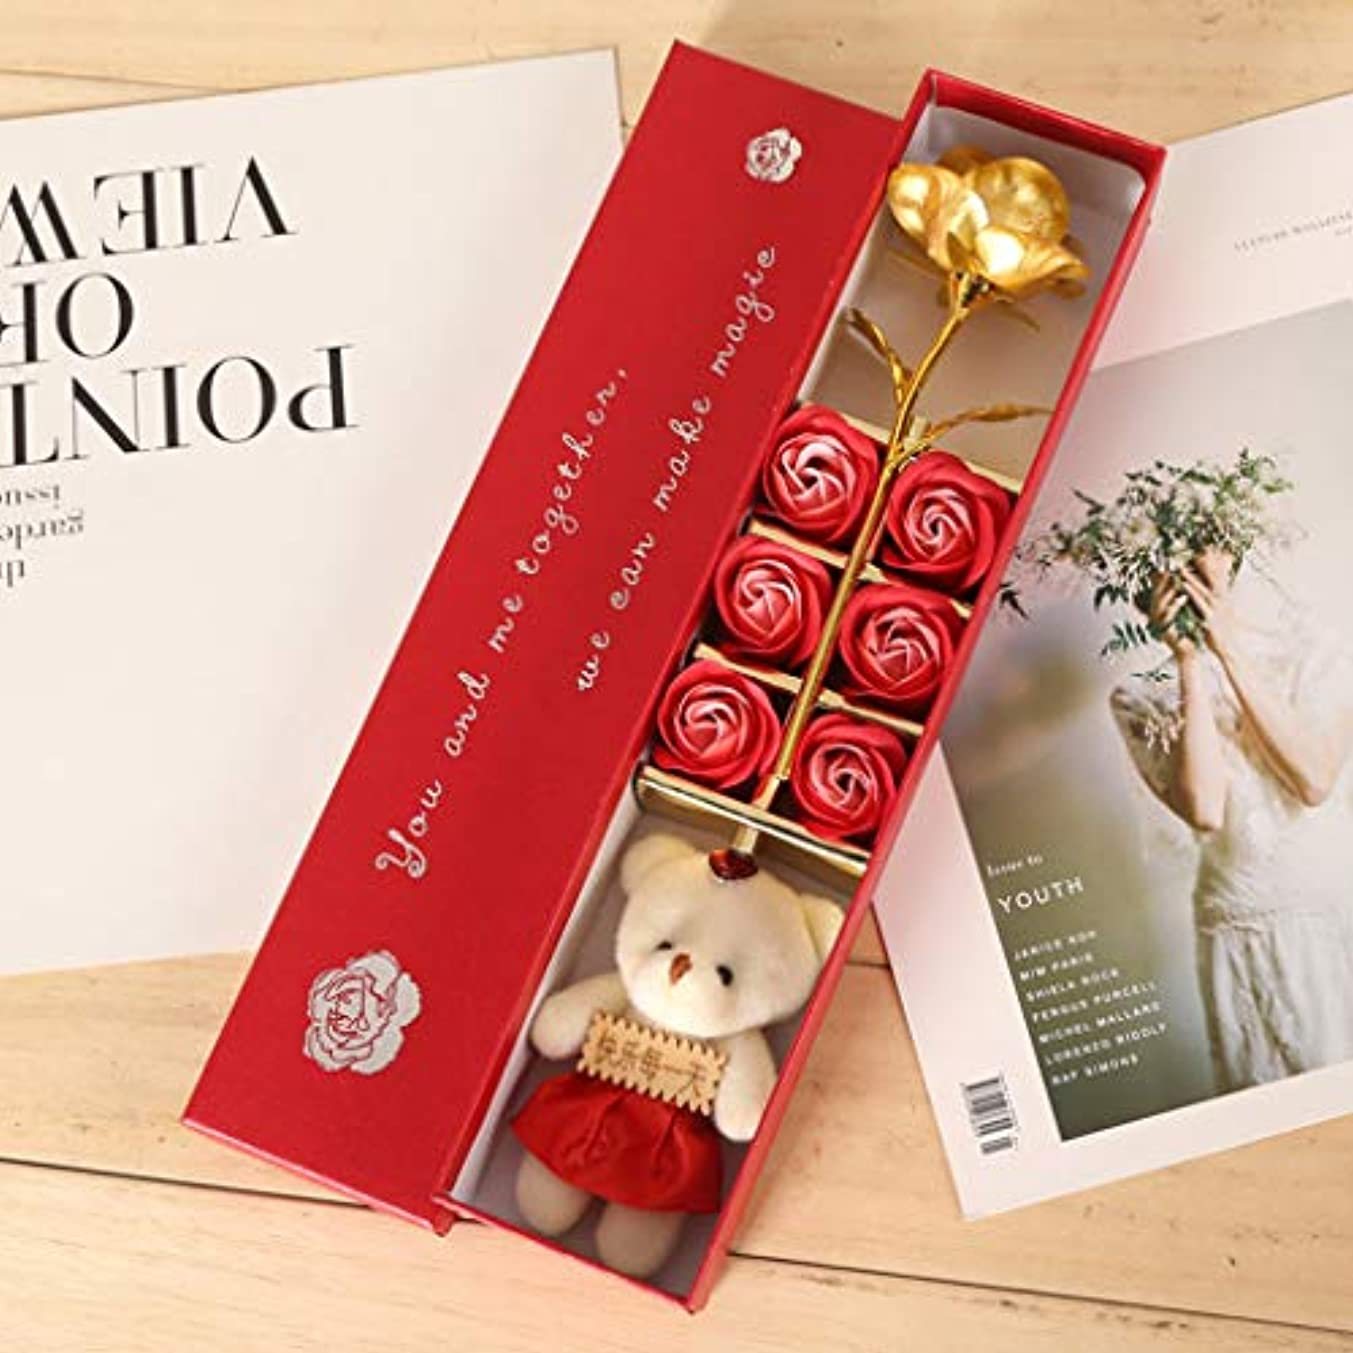 深くパワー結婚する【ゴールデンローズギフトボックス】6石鹸のバラの花/せっけんの花/かわいいバラ/素敵な女の子/ママへのユニークな贈り物/誕生日/母の日/記念日/バレンタインデー/卒業プレゼント/あなたが愛した人のための女性 (レッド)